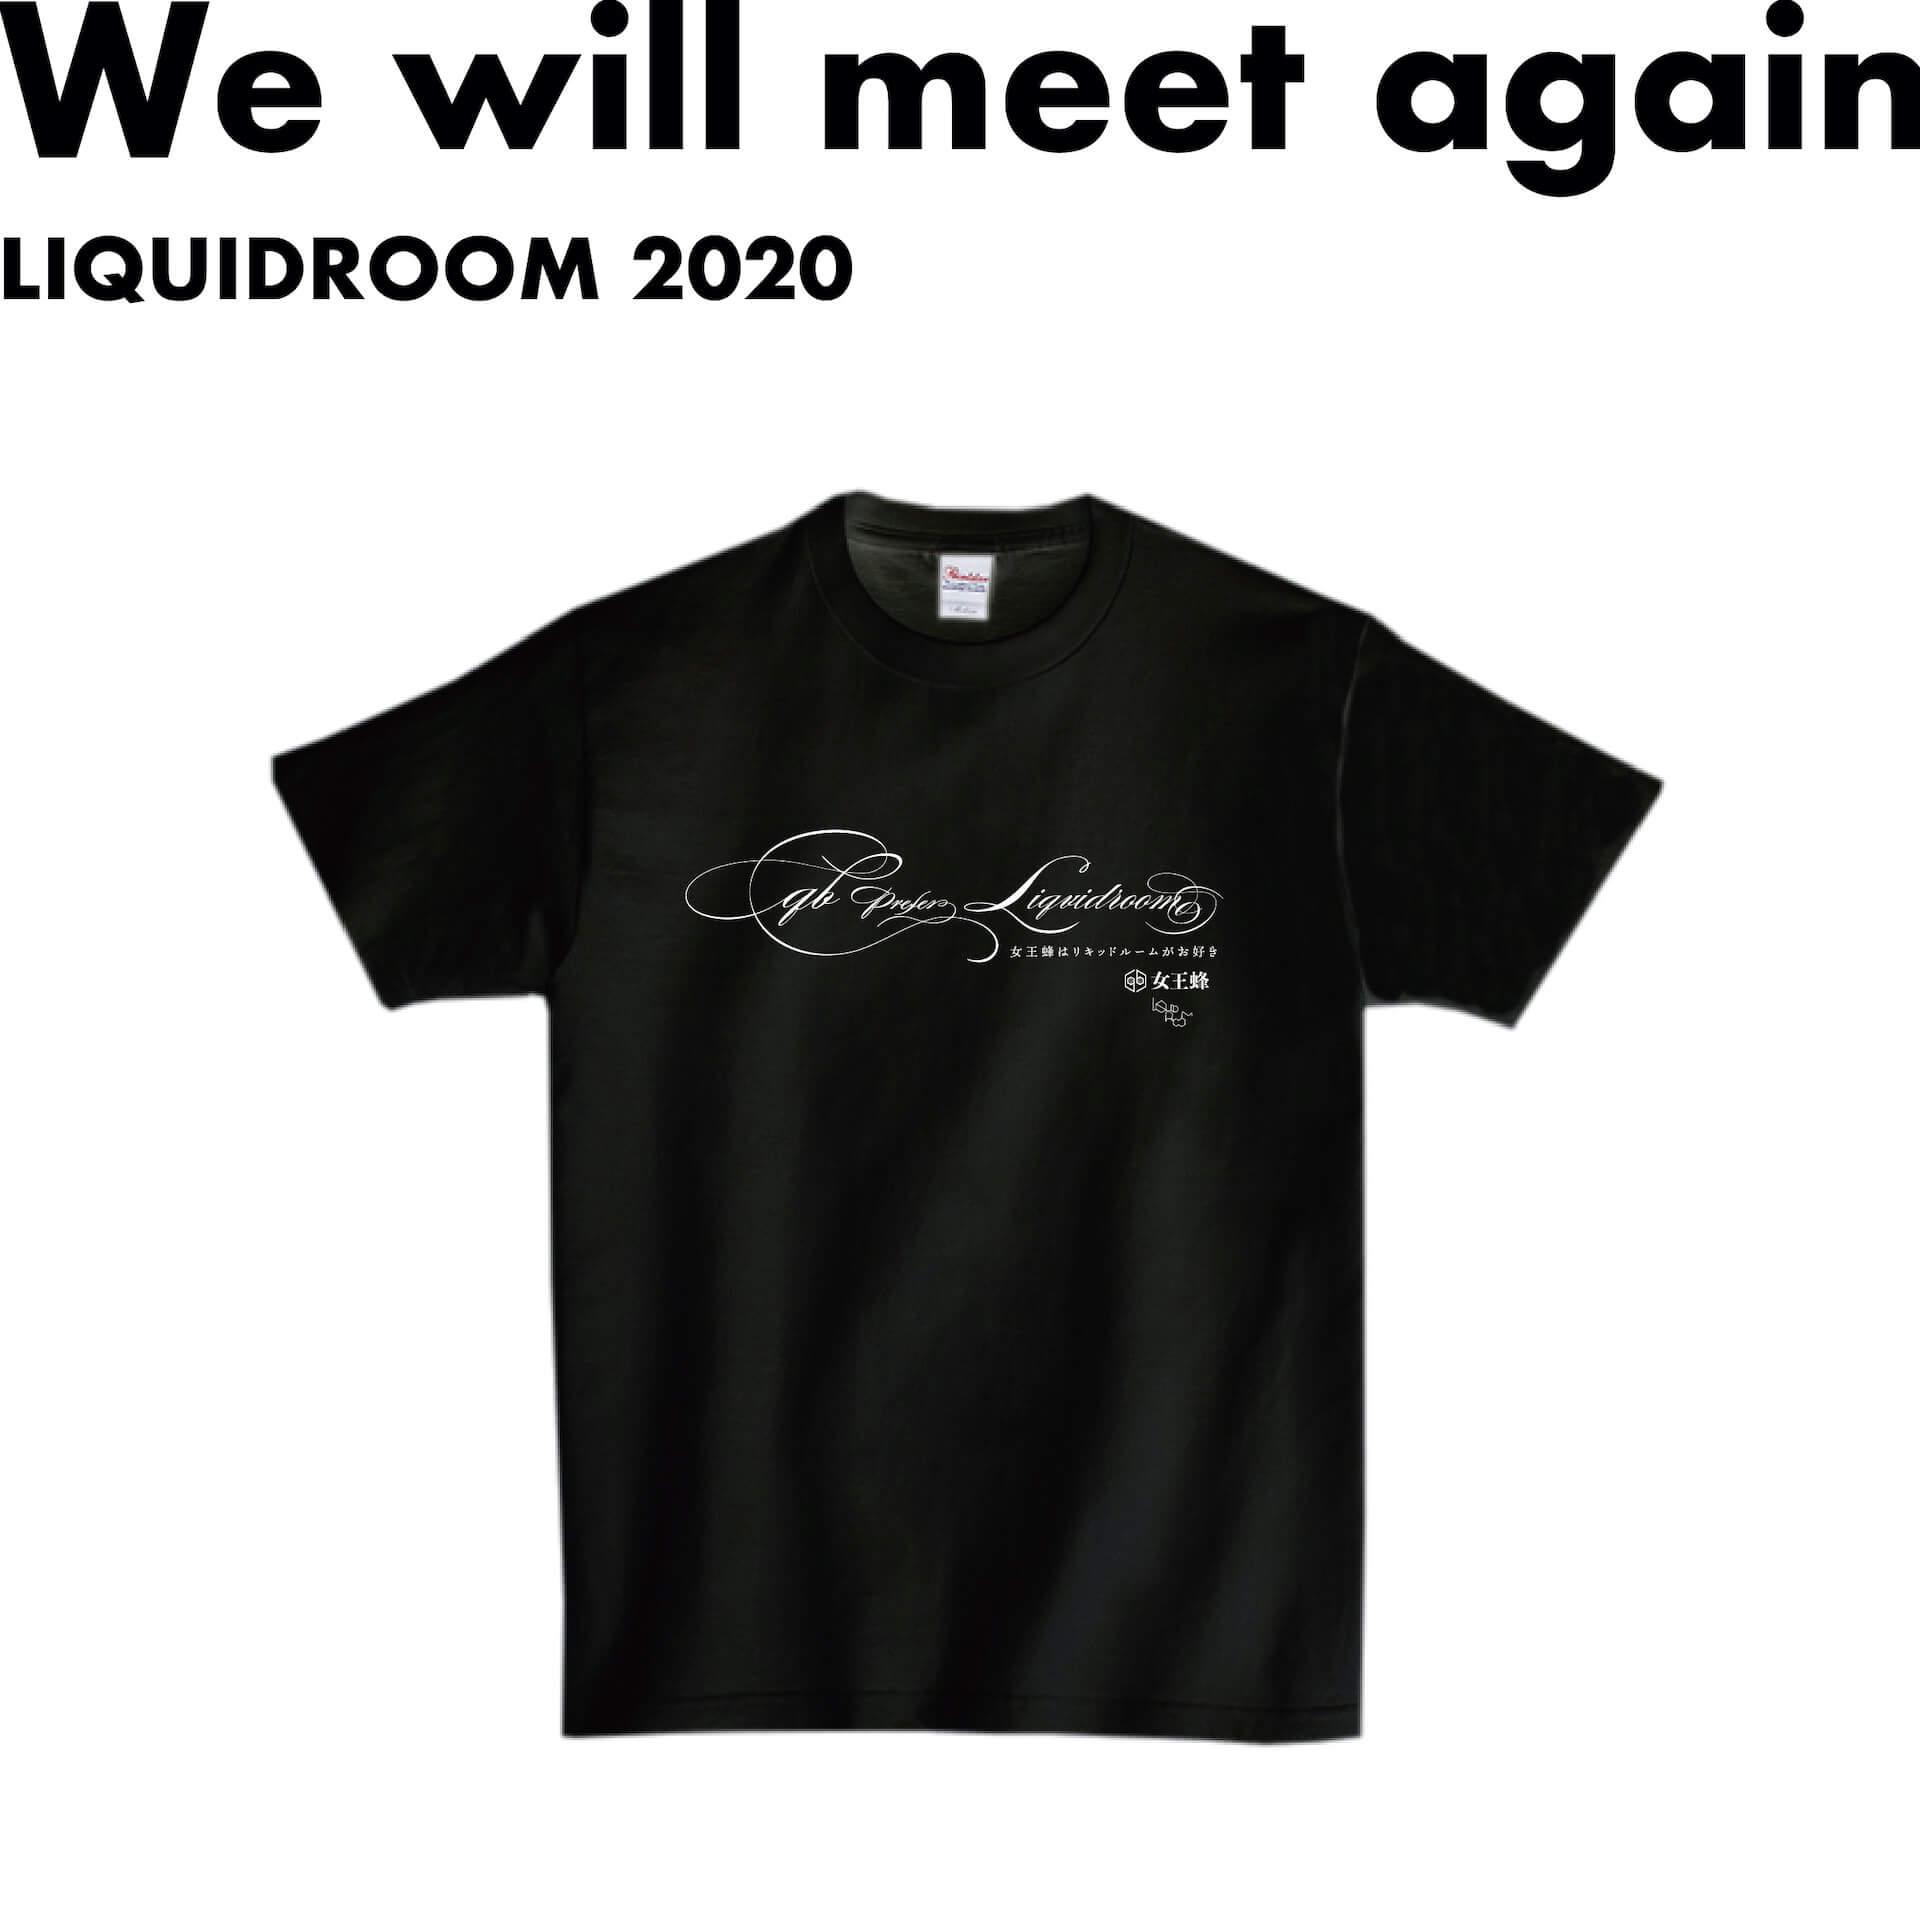 女王蜂はリキッドルームがお好き──LIQUIDROOMのコラボTプロジェクト〈We will meet again〉より新作発表 music200623-liquidroom-ziyoou-vachi-1